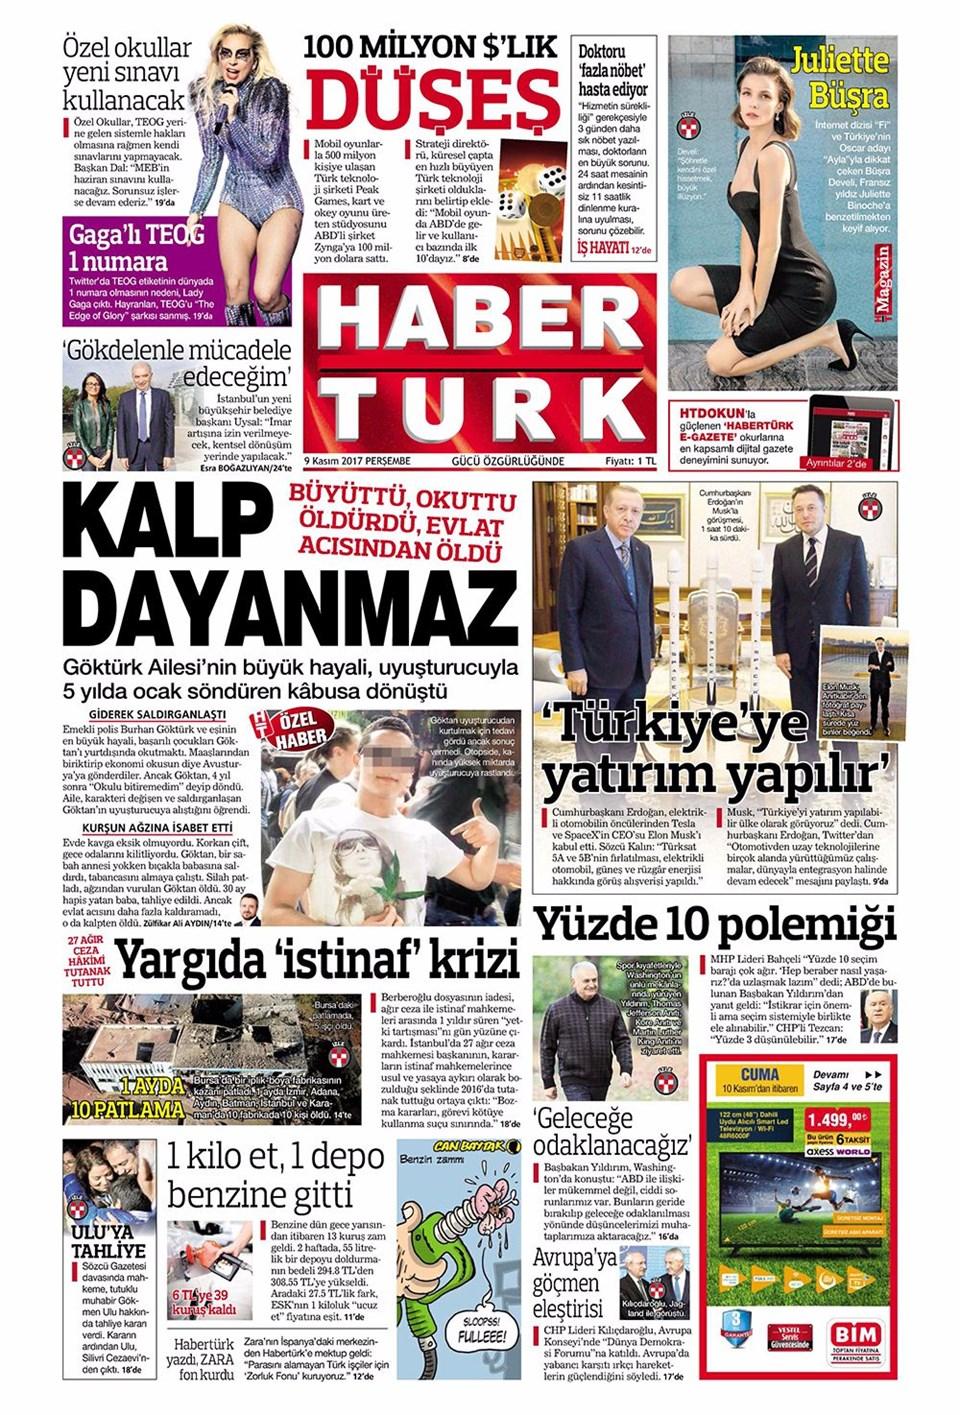 Basında bugün kim ne manşet attı? 9 kasım günün gazete manşetleri 15